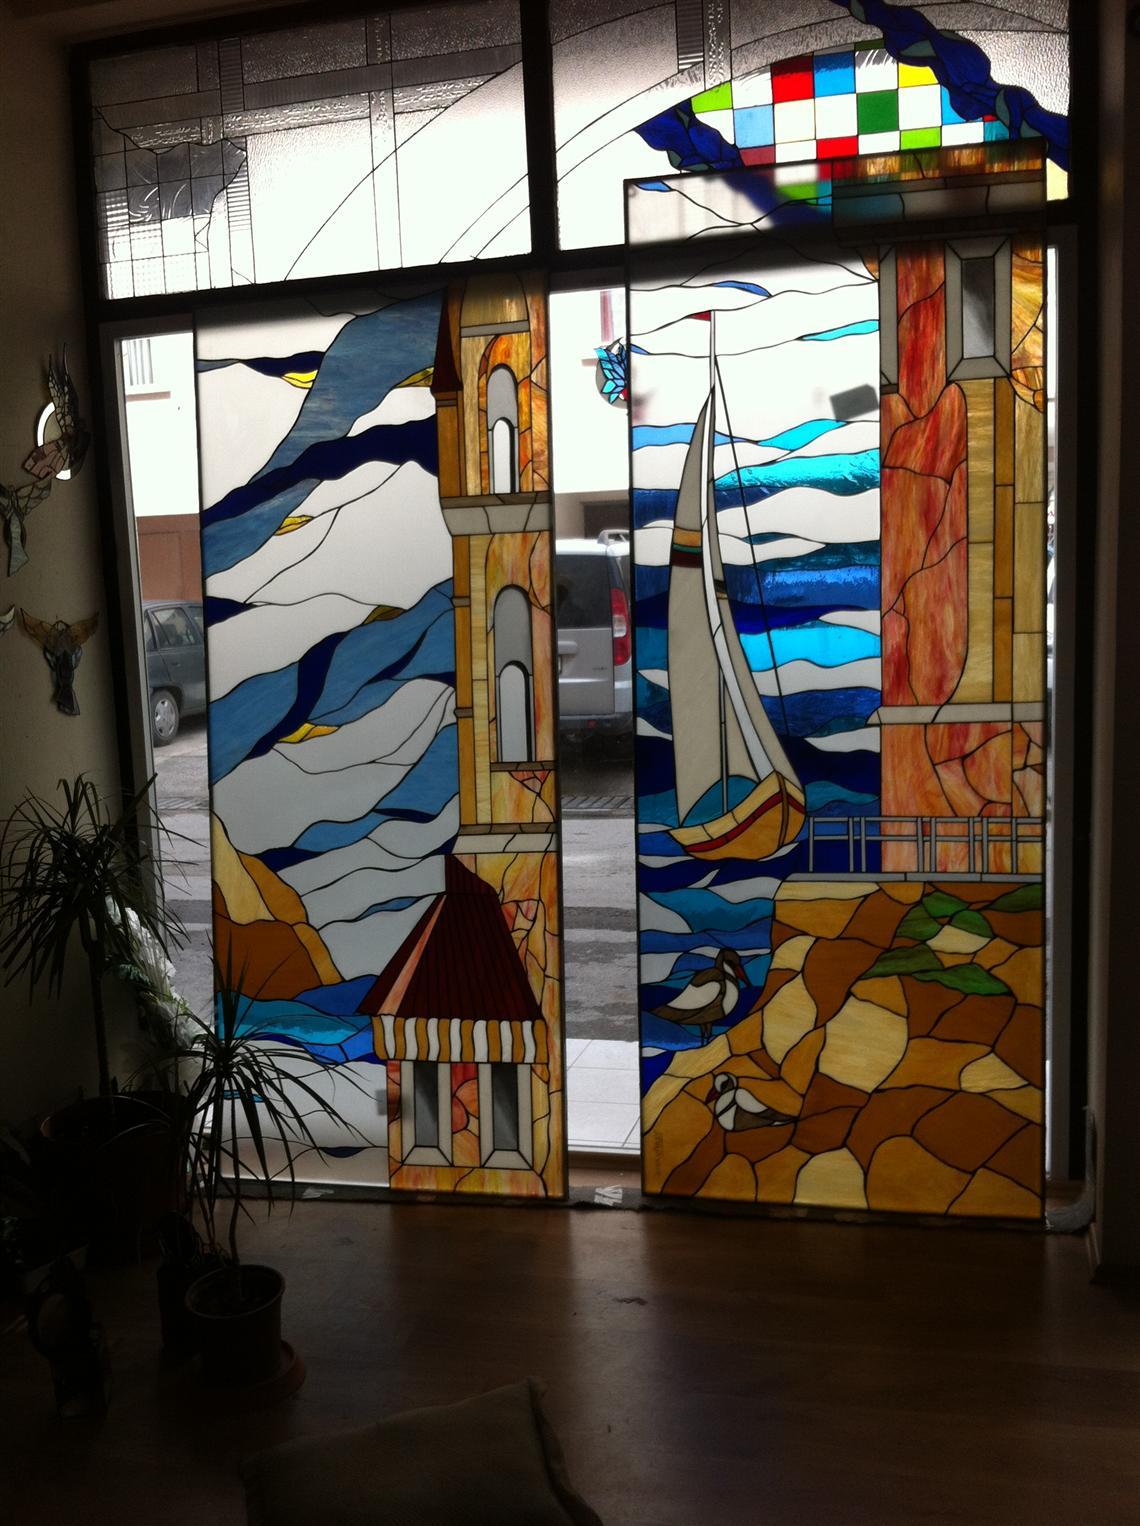 izka-insaat-life-port-evleri2015921165013384.jpg izmir vitray çalışması